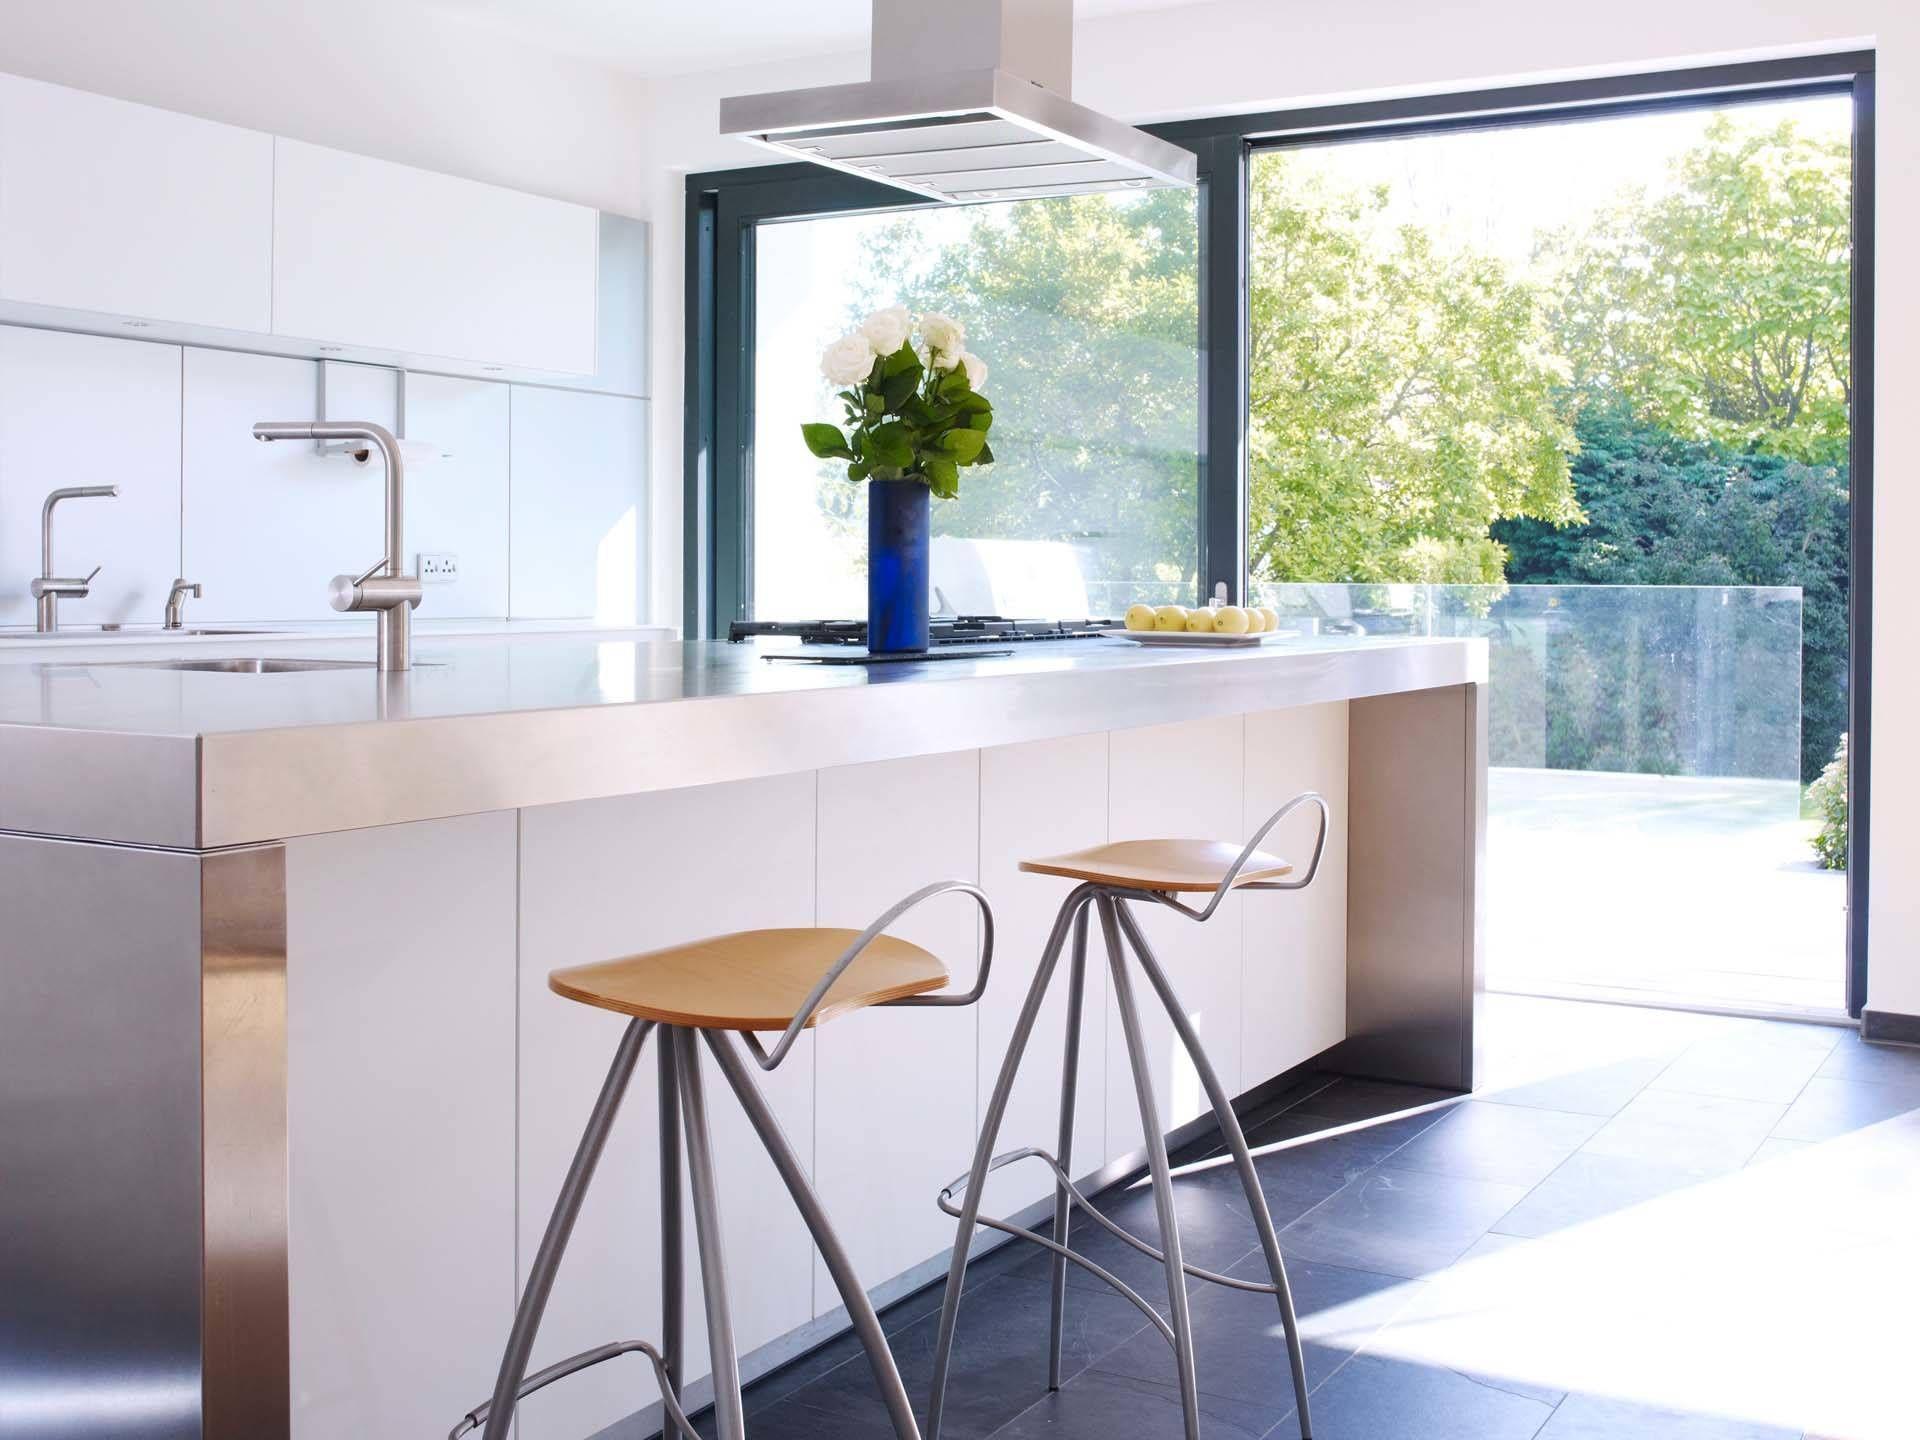 Küchenarbeitsplatte Bauhaus ~ Bauhaus spüle küche best waschbecken images